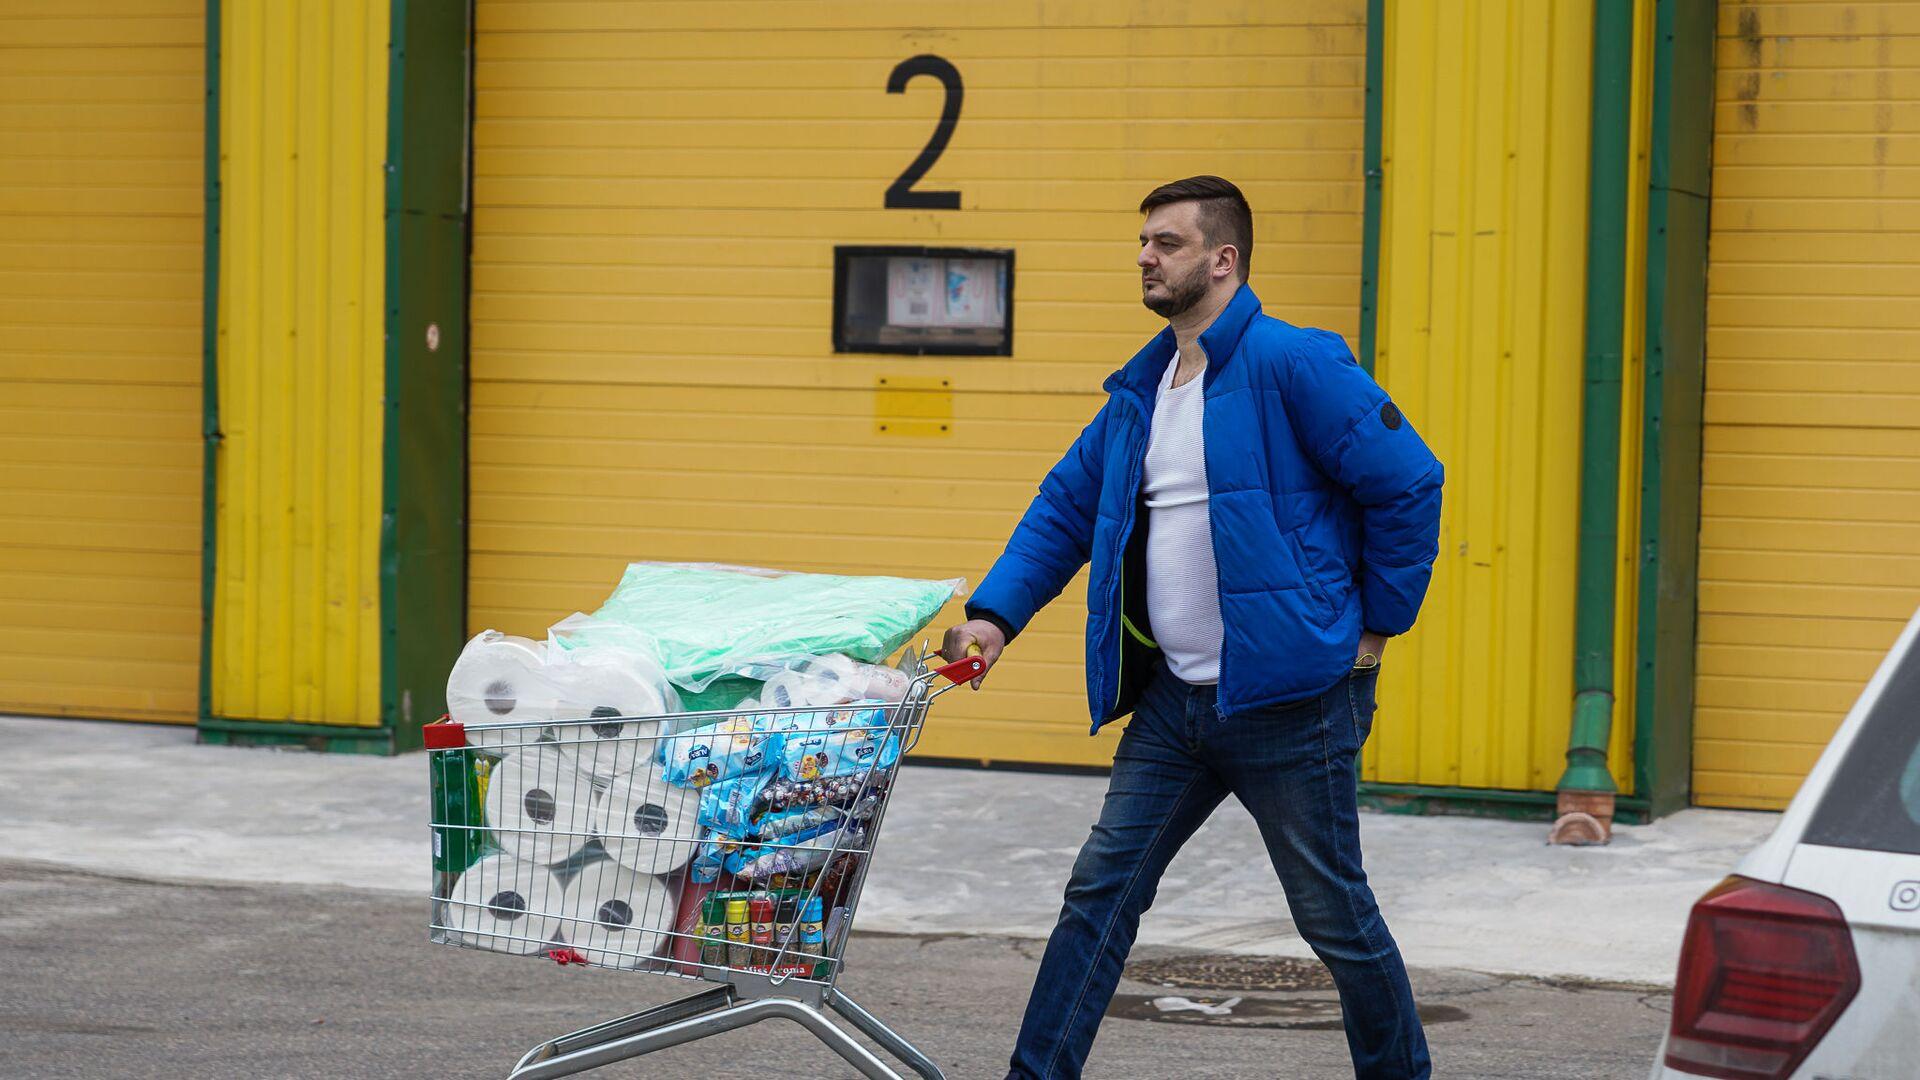 В Риге открылся российский магазин-дискаунтер торговой сети Mere - Sputnik Latvija, 1920, 13.05.2021